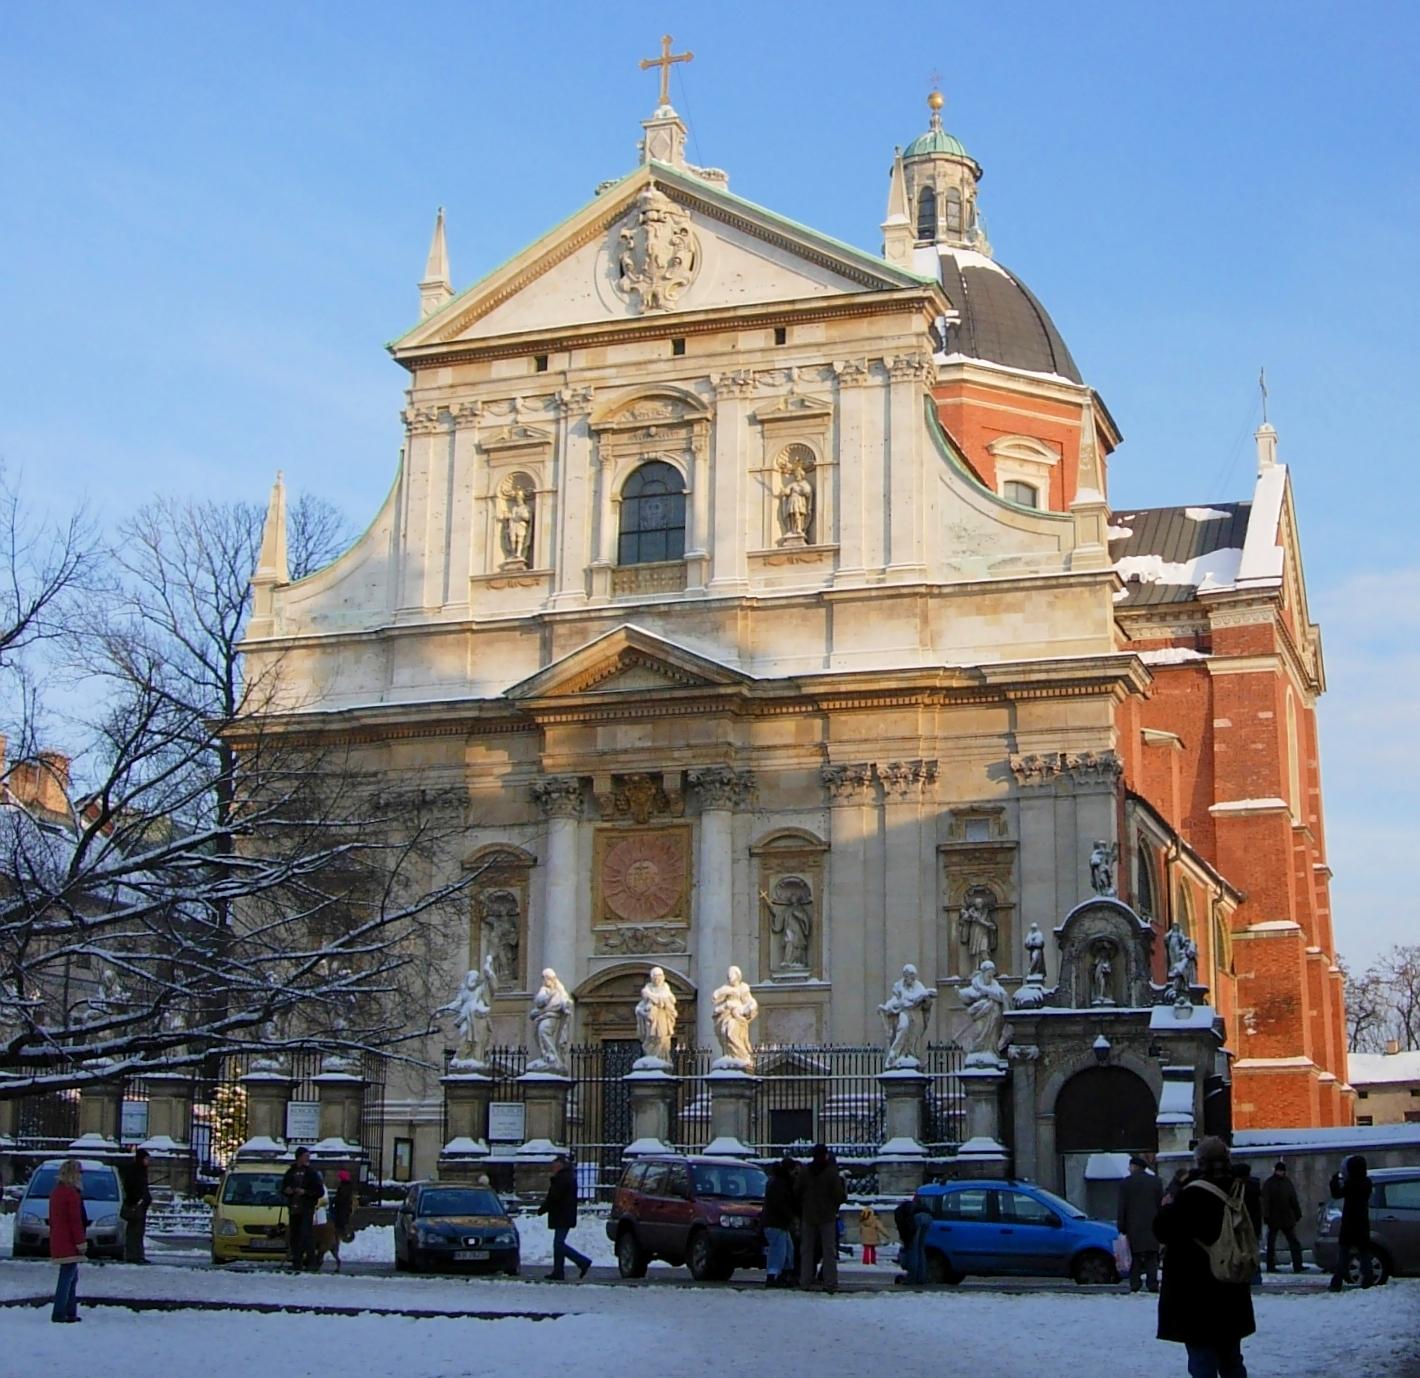 Kościół Świętych Apostołów Piotra i Pawła w Krakowie